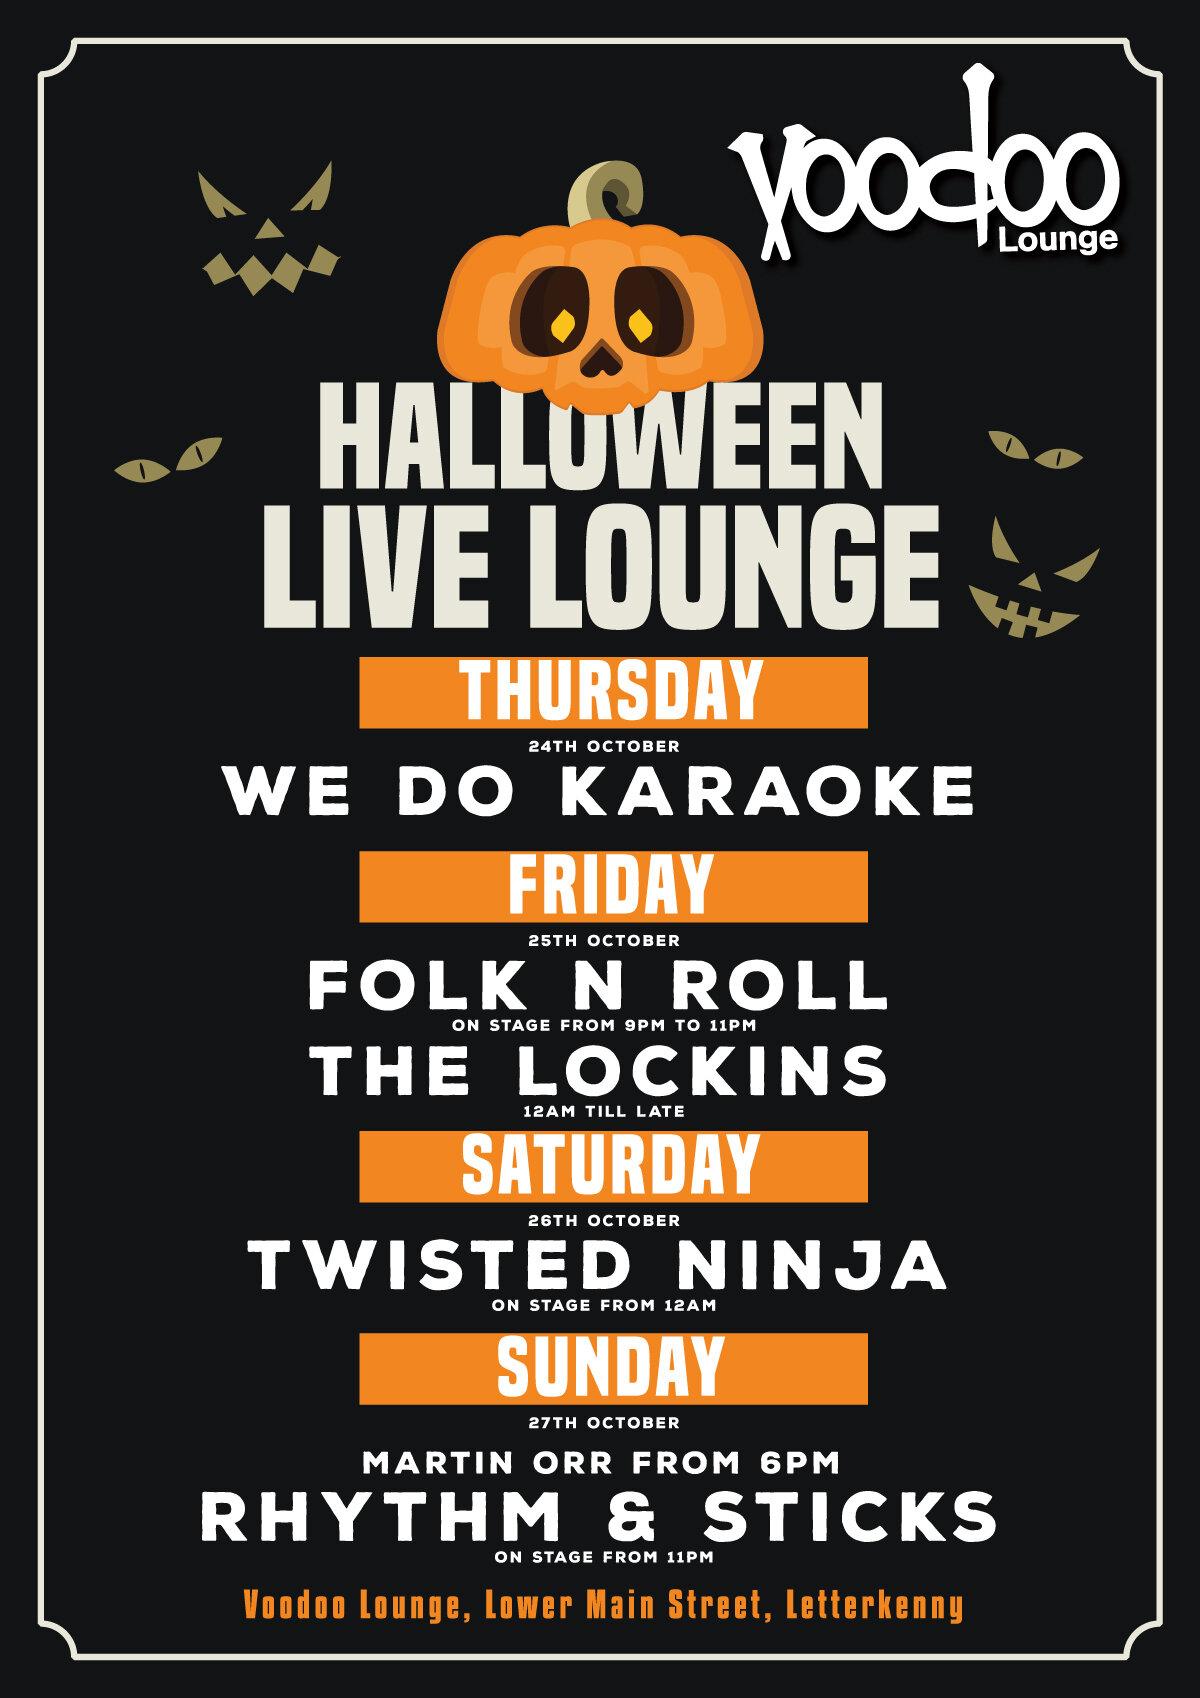 VOODOO-LIVE-LOUNGE-HALLOWEEN--oct-25---27-2019.jpg